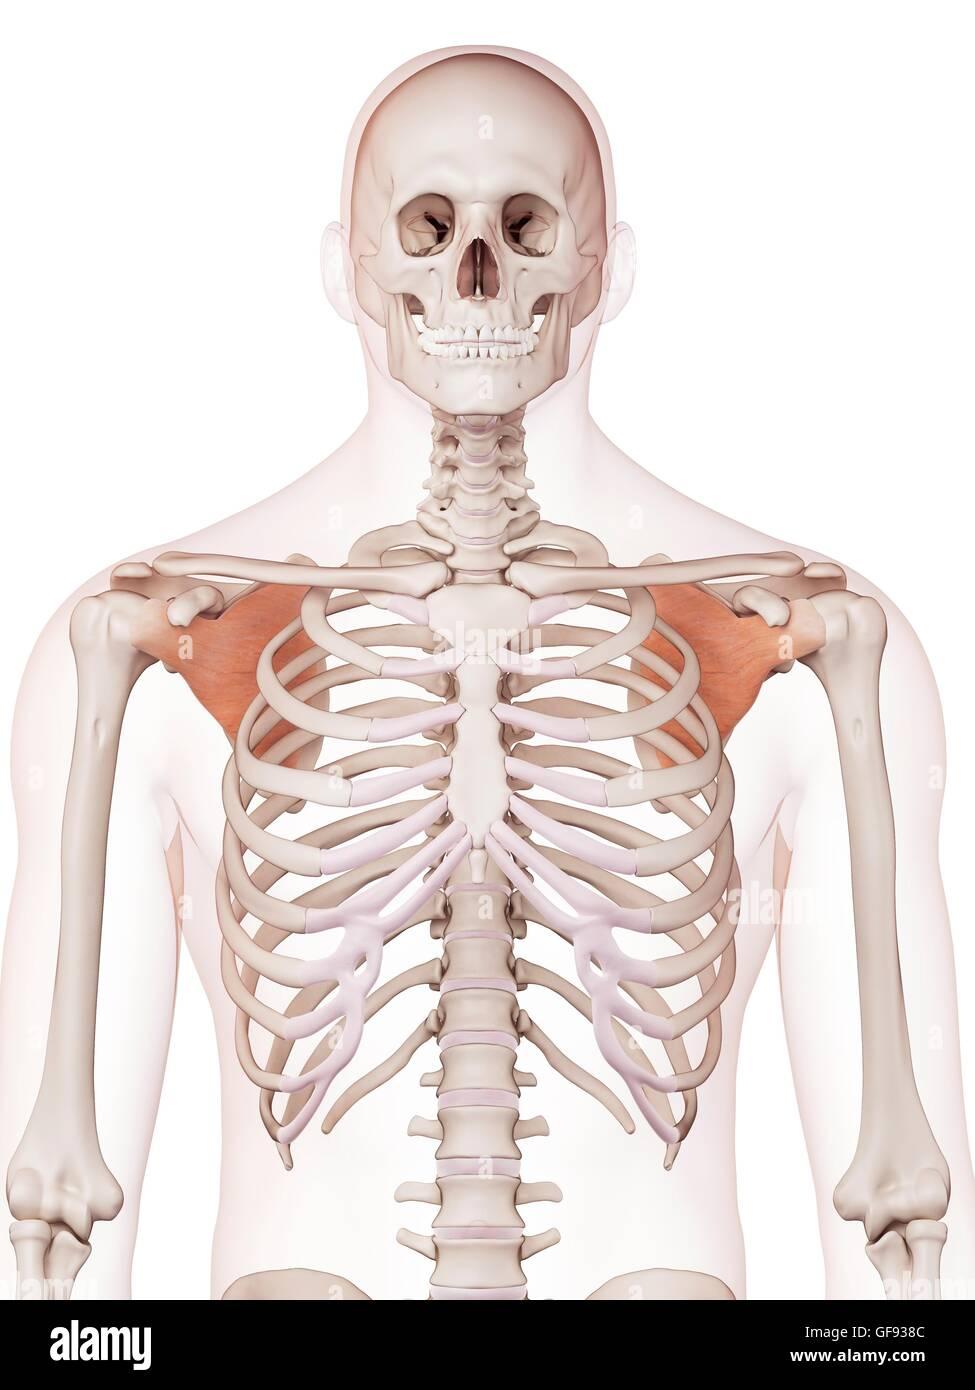 Erfreut Menschliche Schultermuskel Diagramm Fotos - Menschliche ...